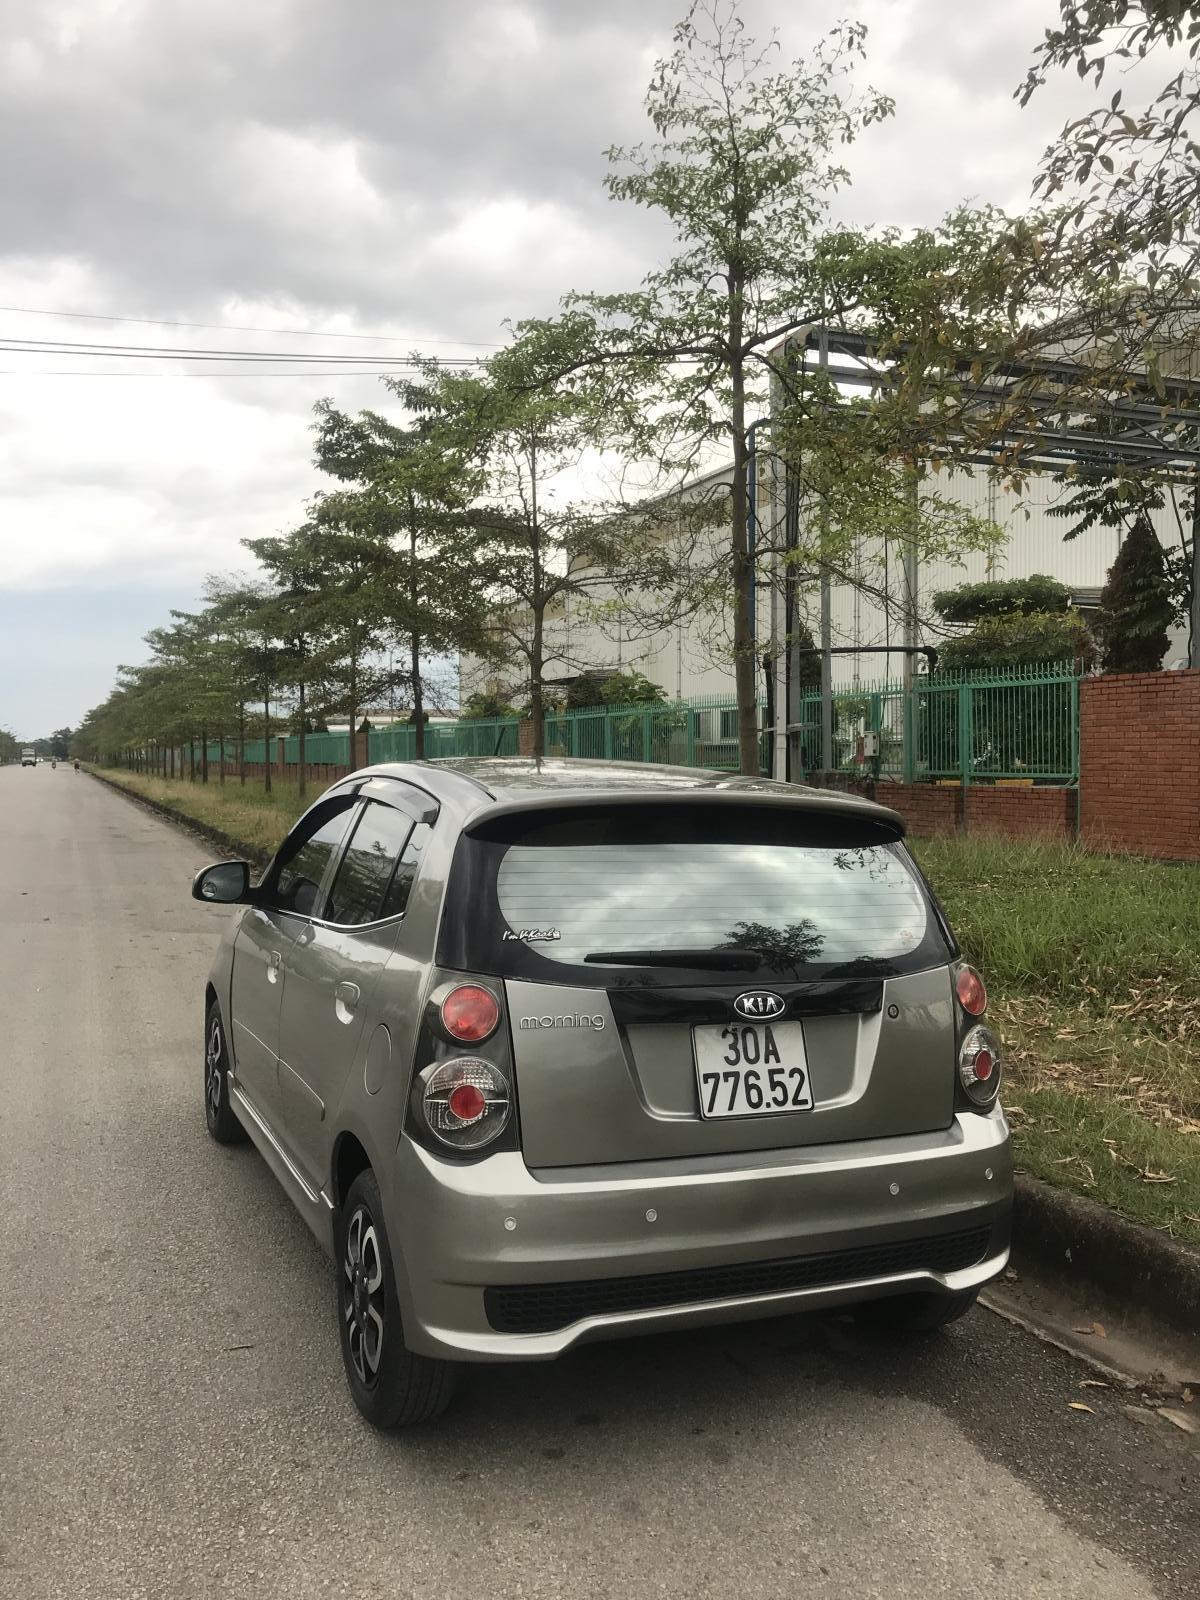 Bán Kia Morning năm sản xuất 2012, xe có lắp đủ camera trước-sau, cảm biến tiến-lùi, đầu DVD - 4loa (3)